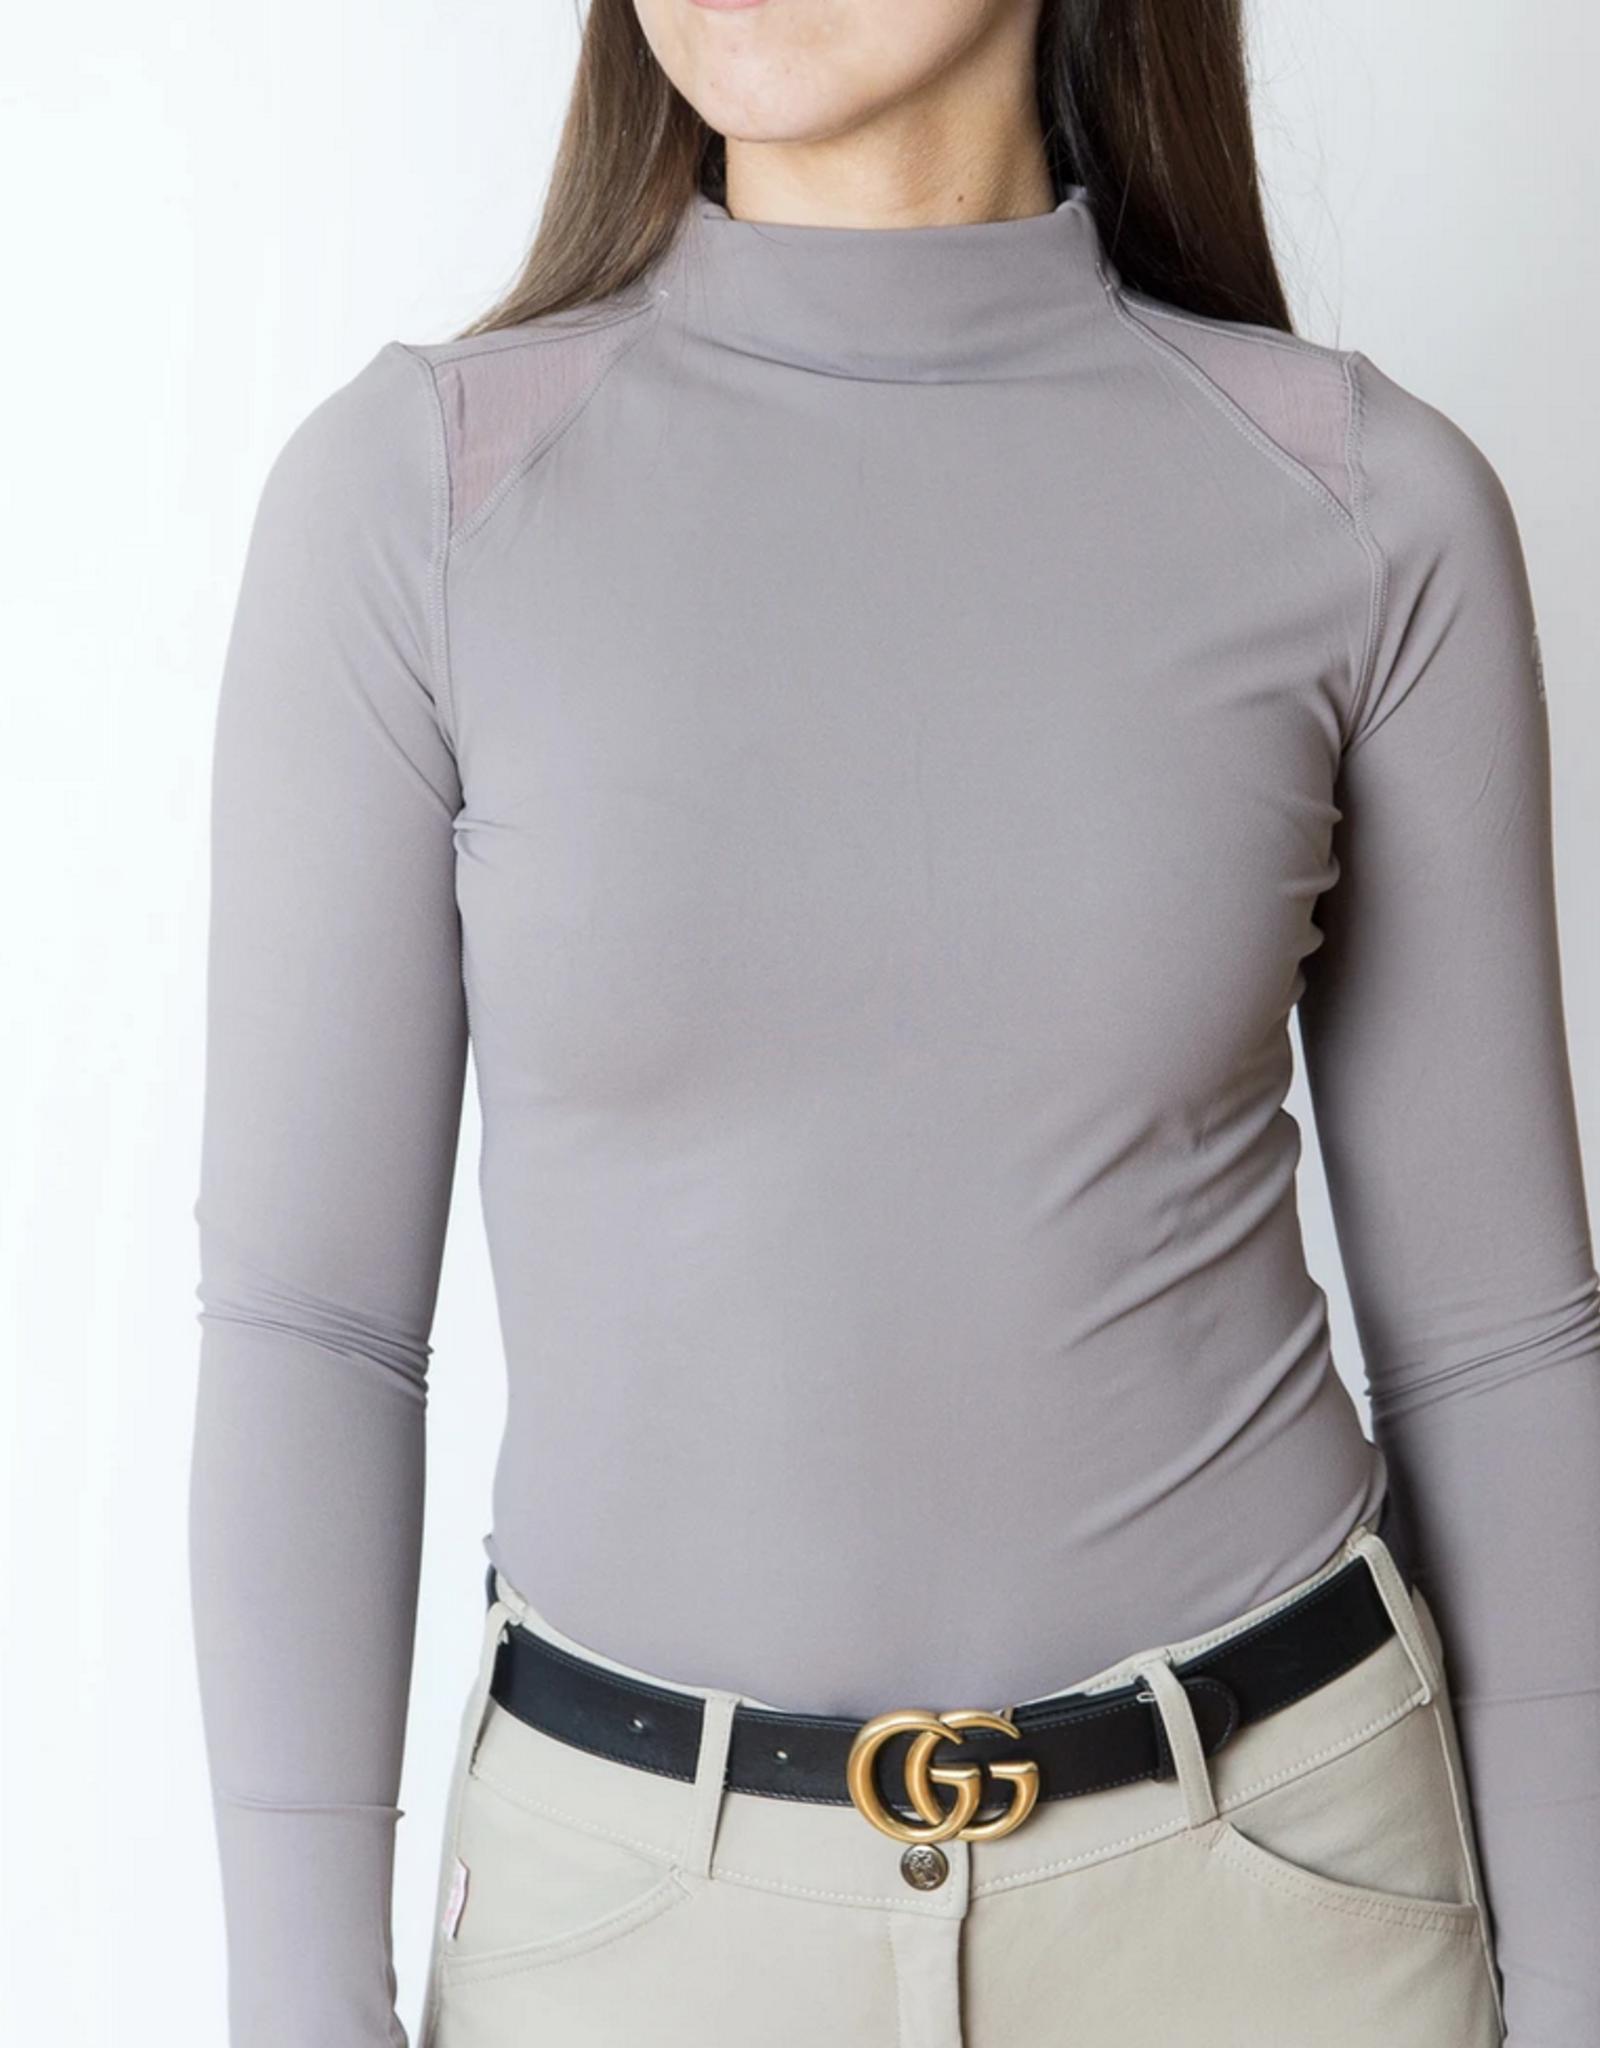 TKEQ Ladies' Chloe Mockneck Long Sleeve Technical Top